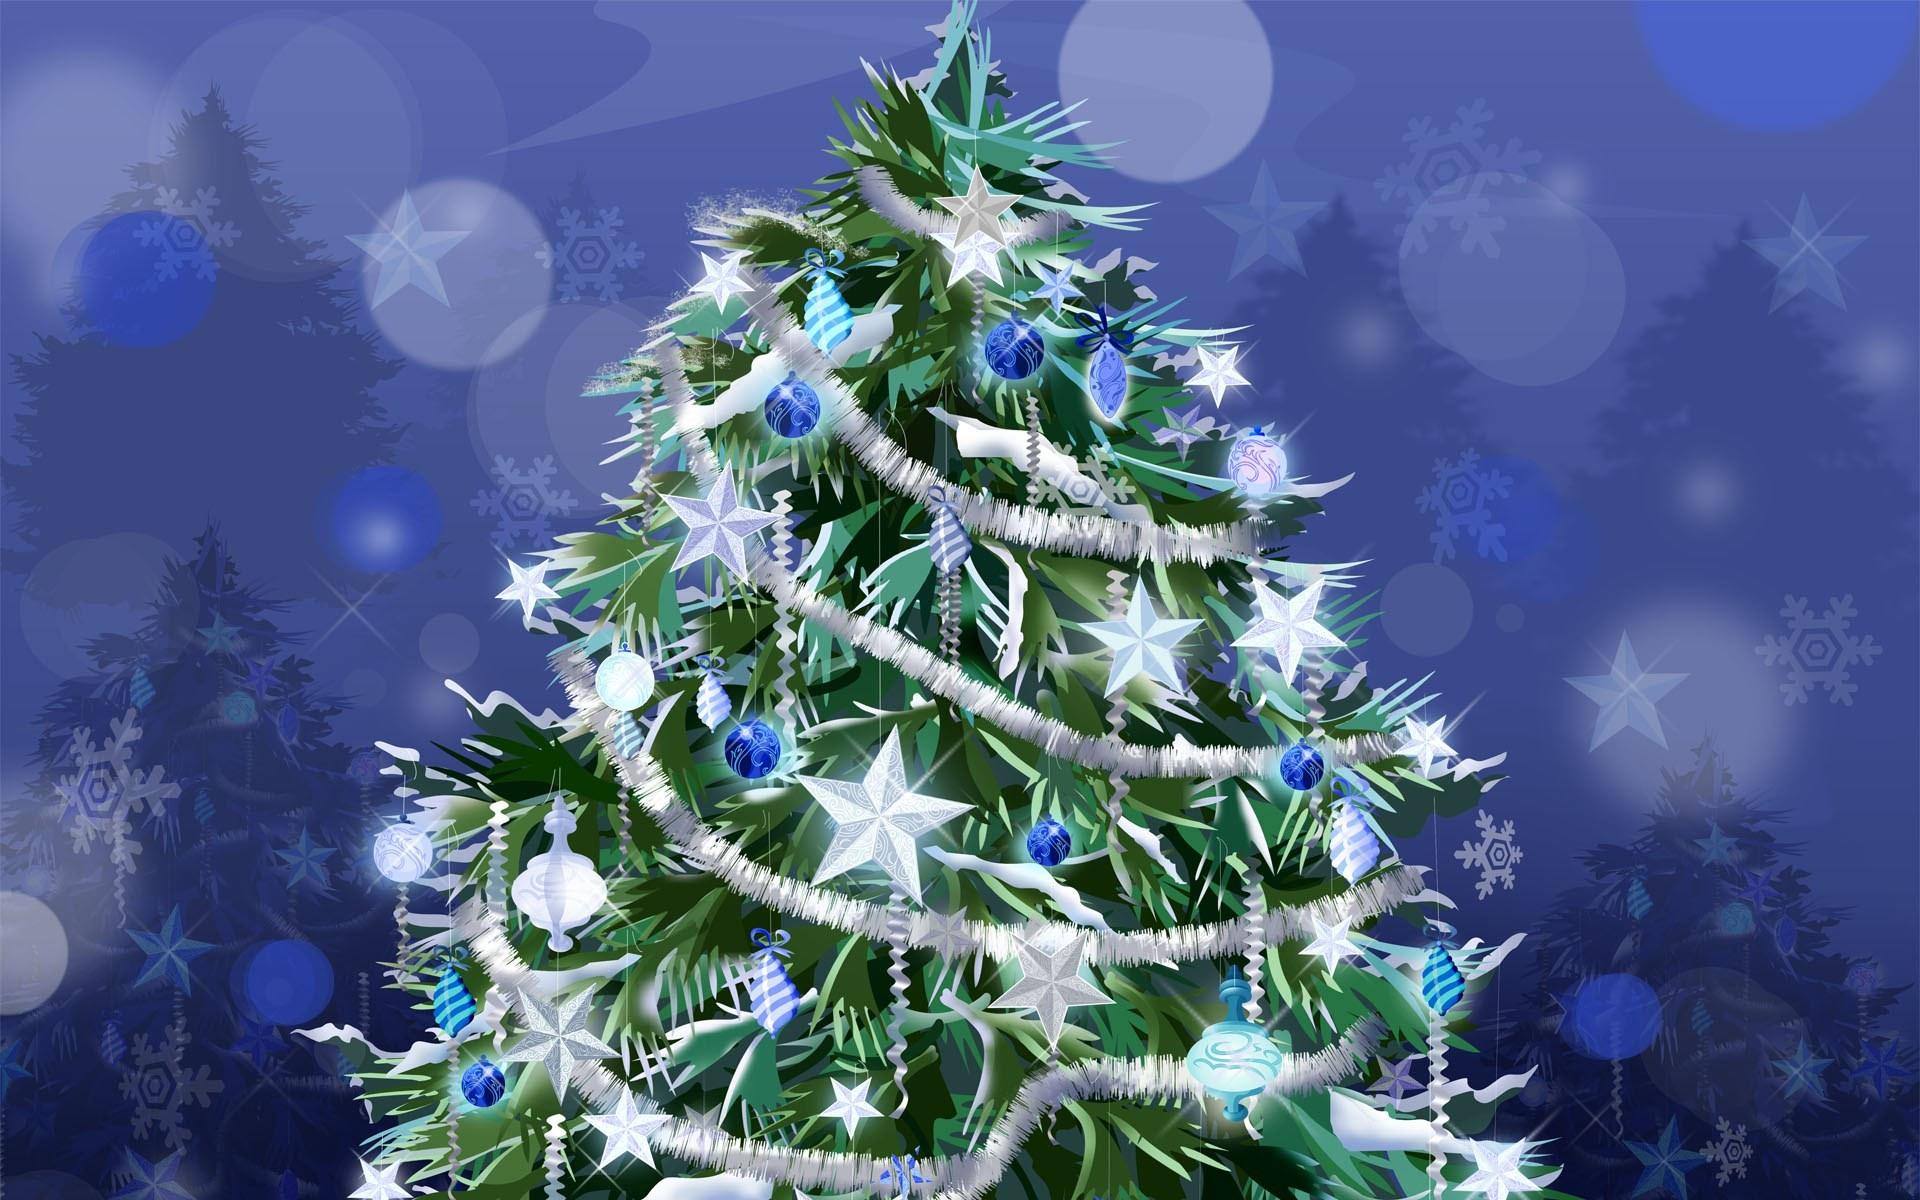 Decoraci n del rbol de navidad for Imagenes de arbolitos de navidad adornados